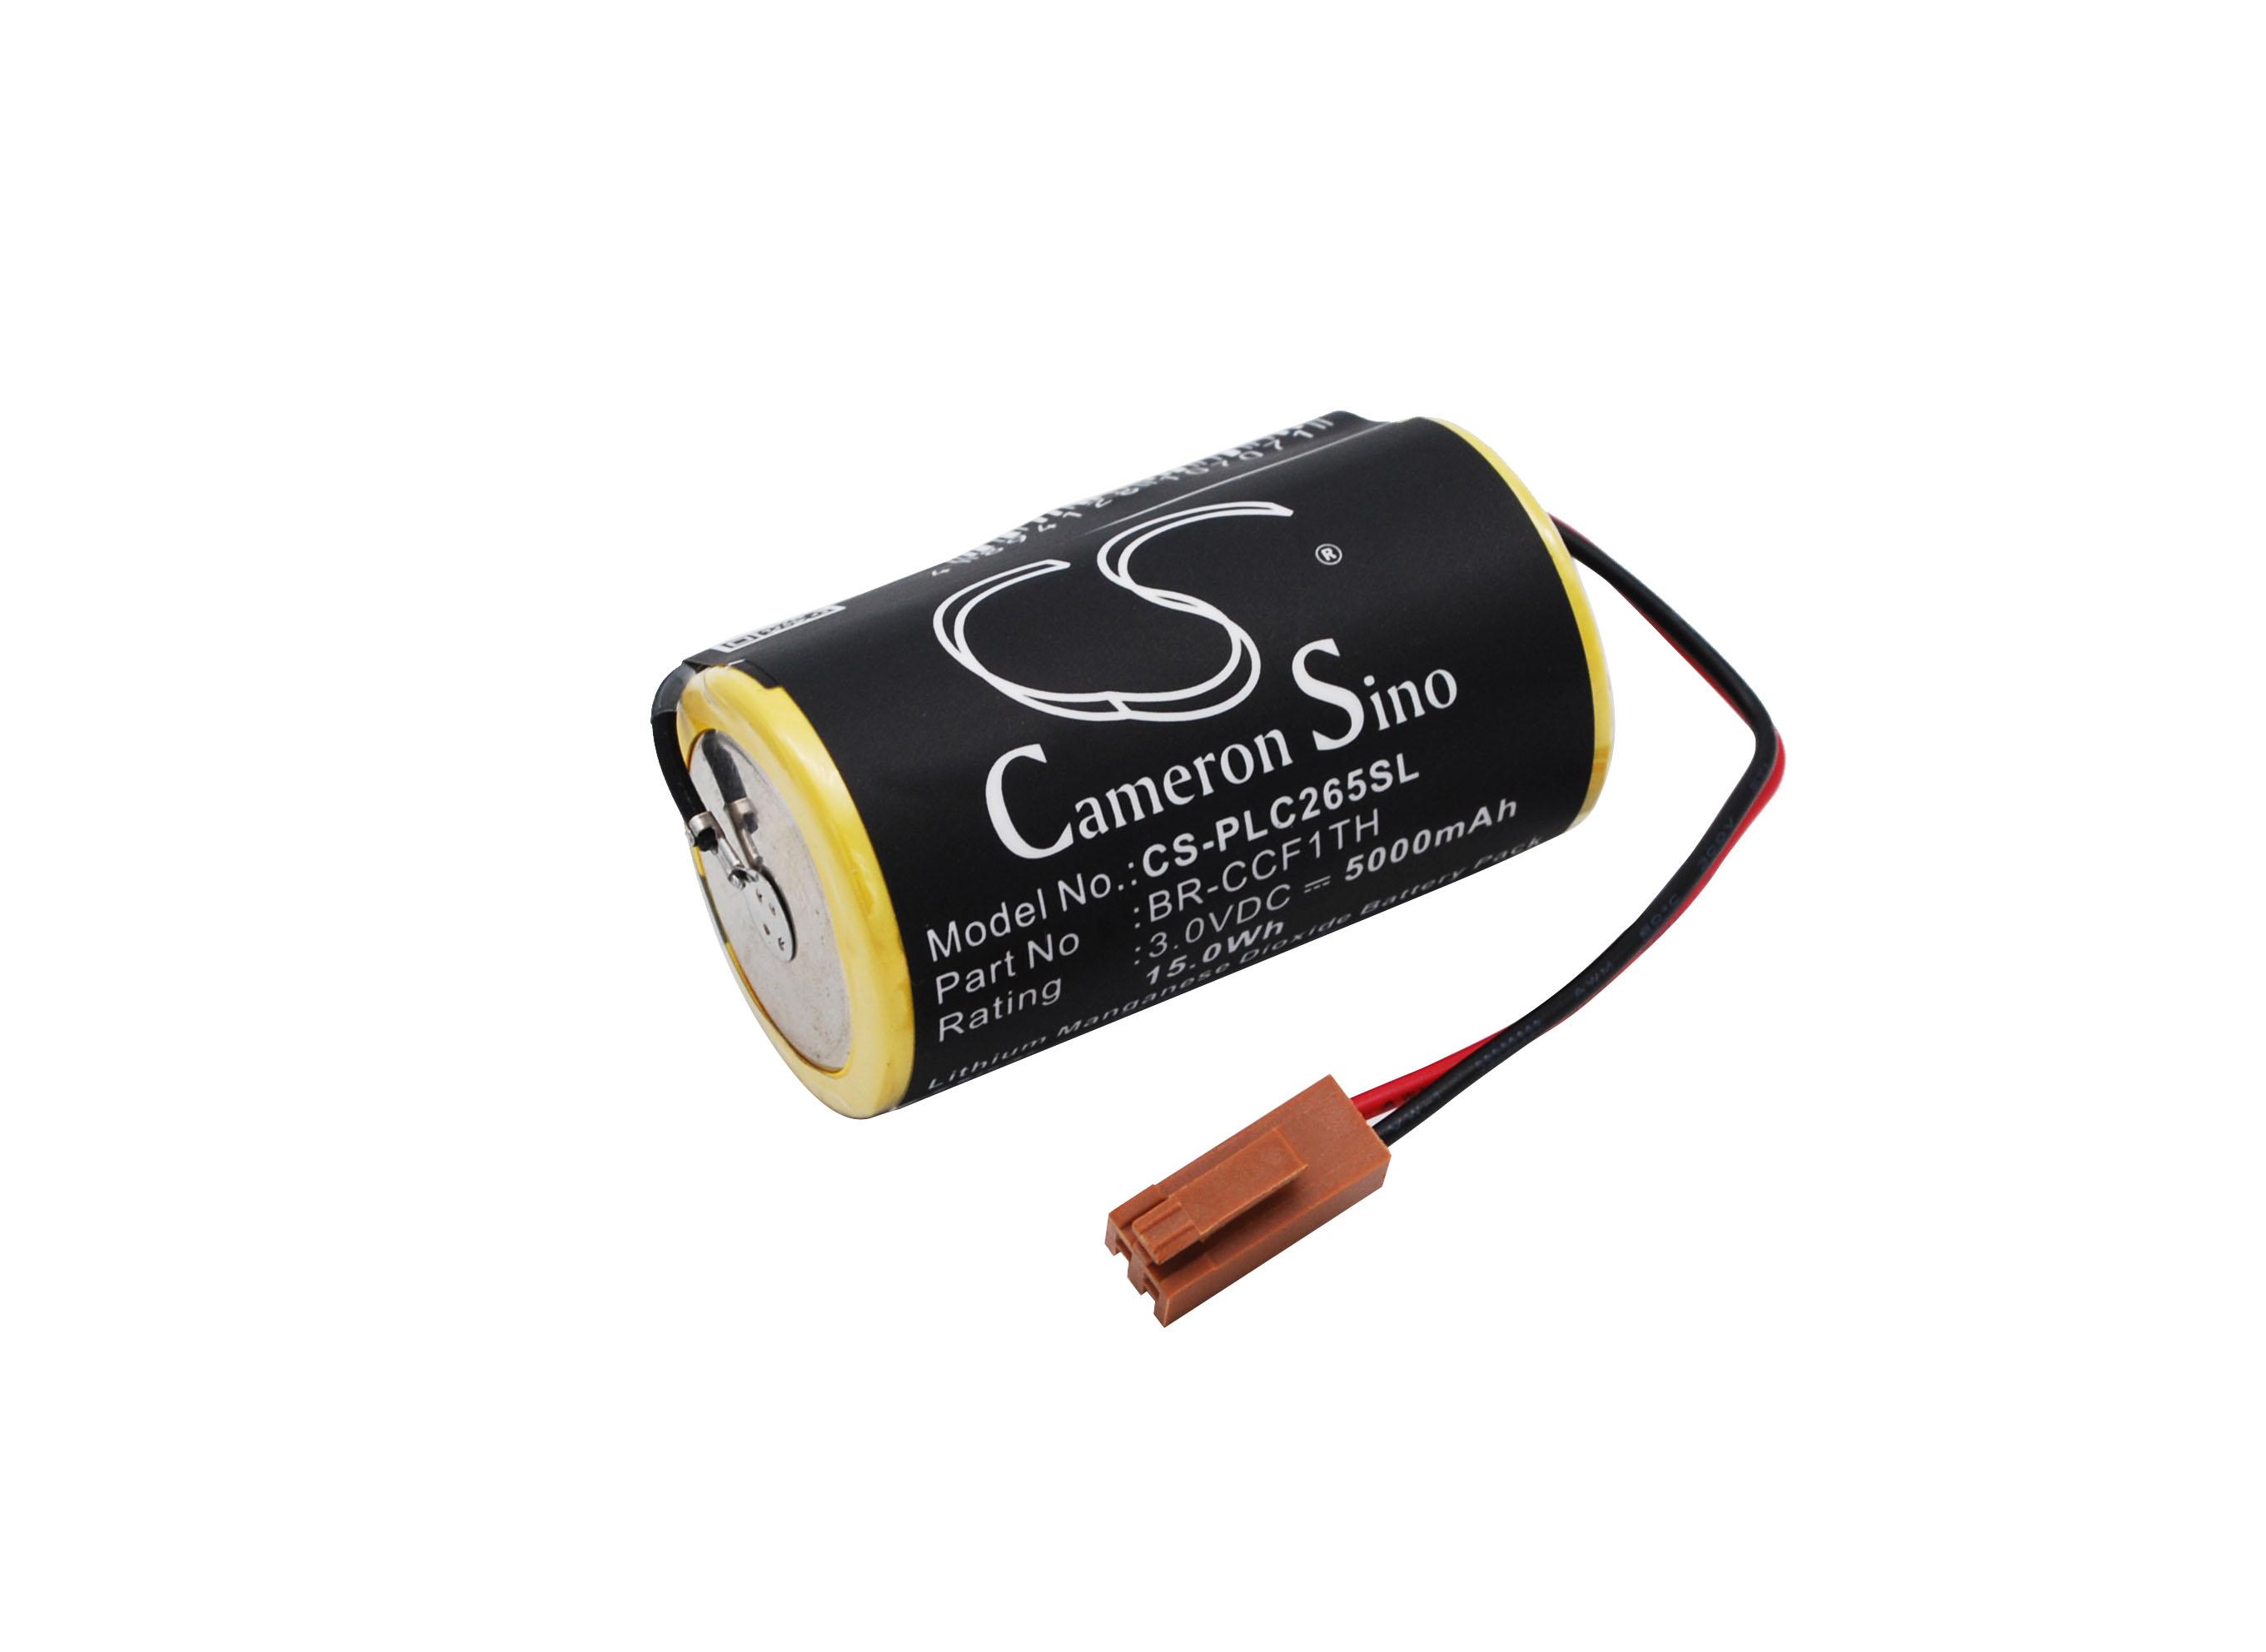 Cameron Sino baterie plc za BR-CCF1TH 3V Li-MnO2 5000mAh žlutá - neoriginální